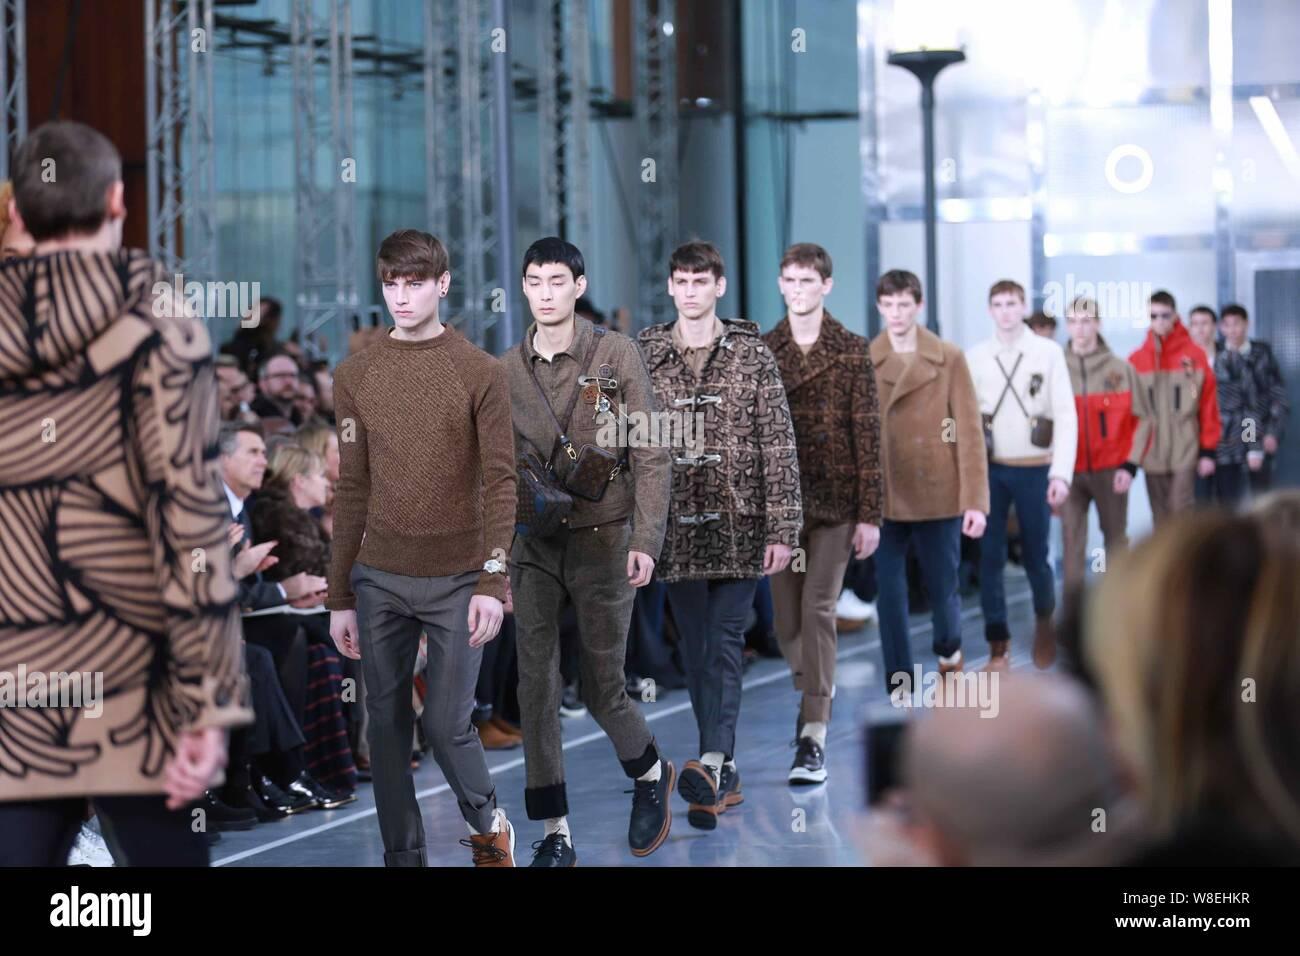 Modelos muestran las nuevas creaciones en el Louis Vuitton Fashion show durante el otoño/invierno de 2015 hombres de París la semana de la moda en París, Francia, 22 de enero de 2015. Foto de stock